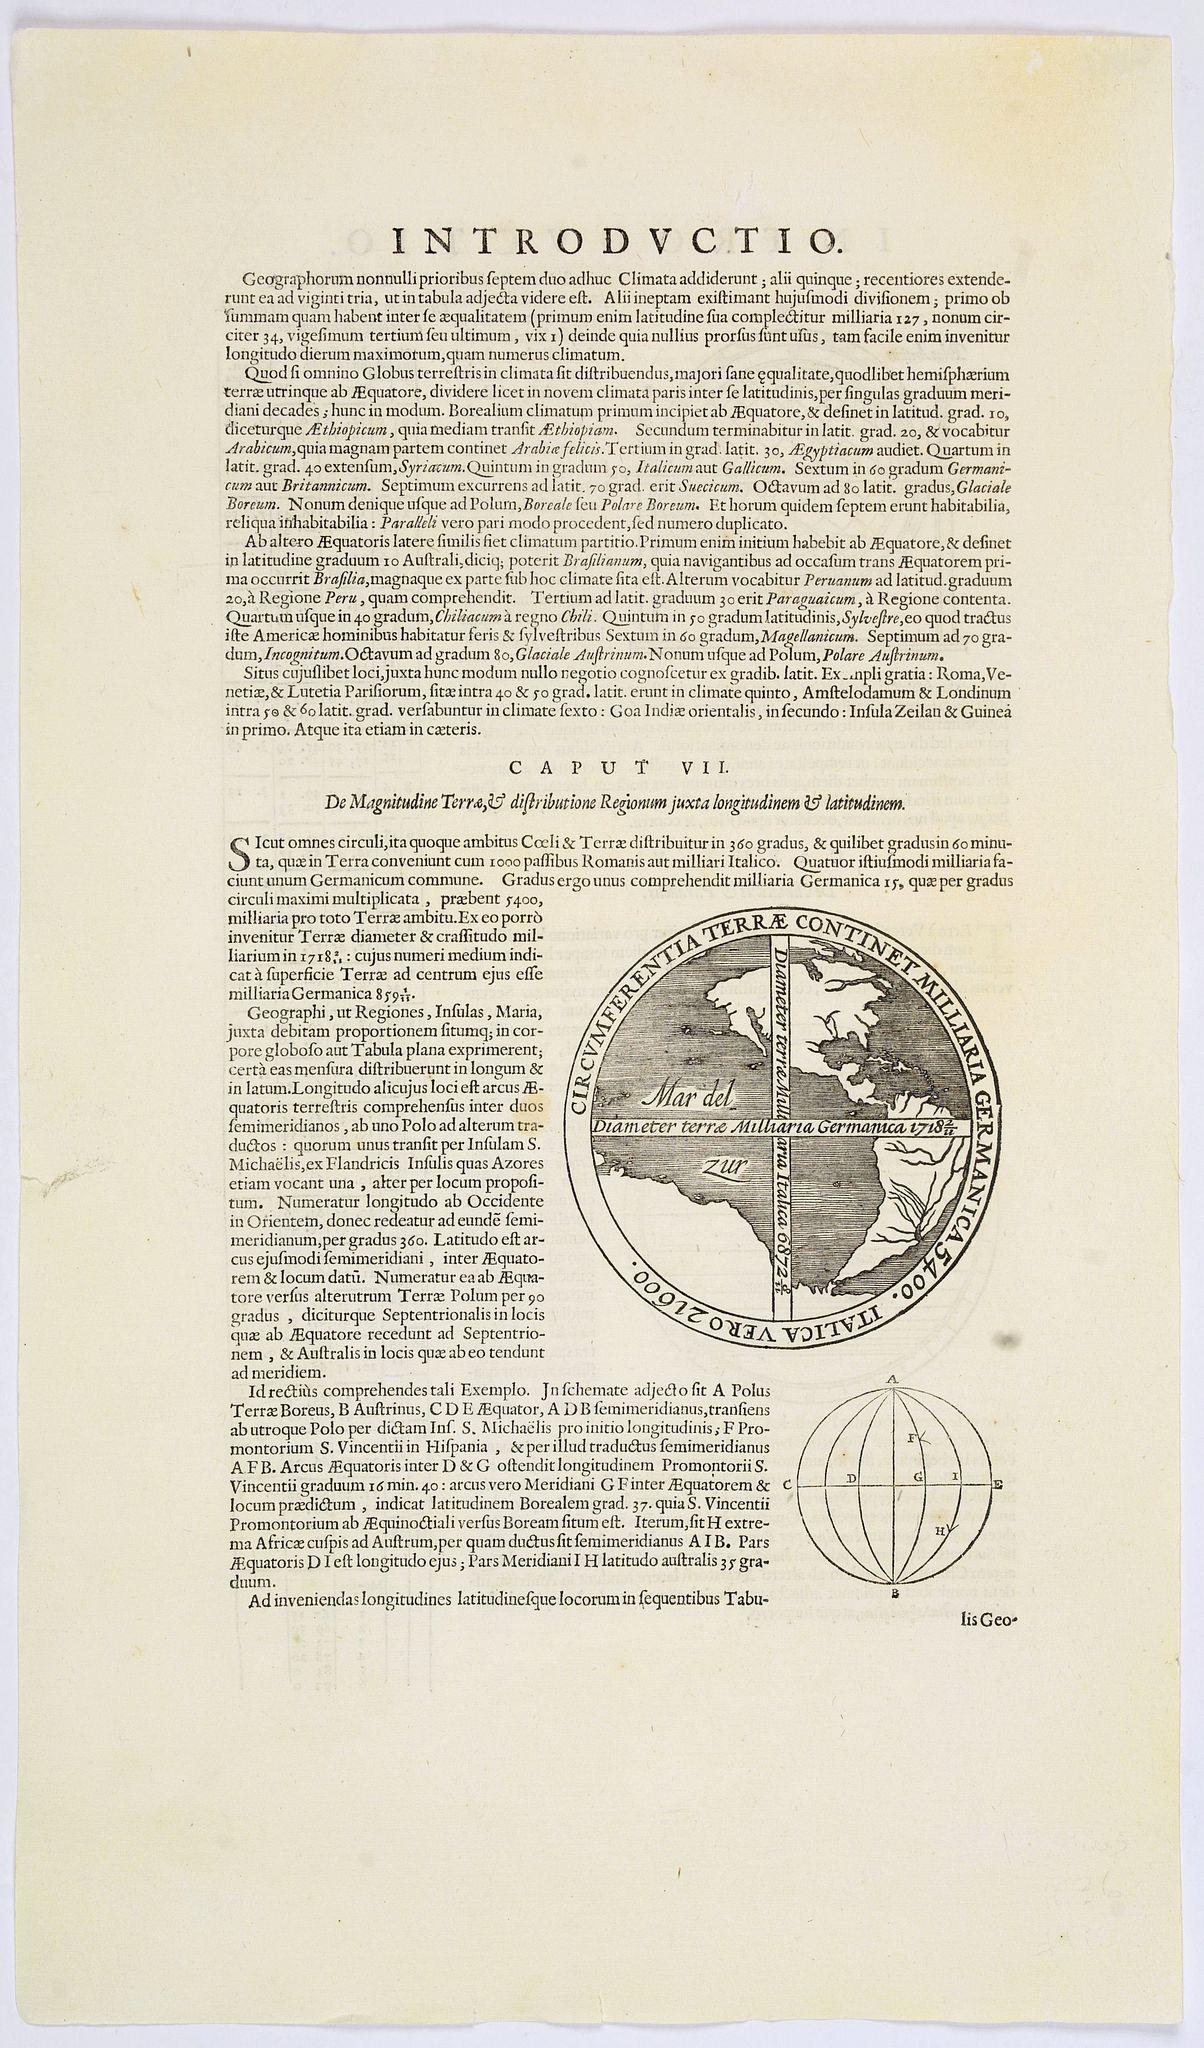 JANSSONIUS, J.  / HONDIUS, H. - Circumferentia terrae continet miliaria germanica 5400, italica vero 21600.